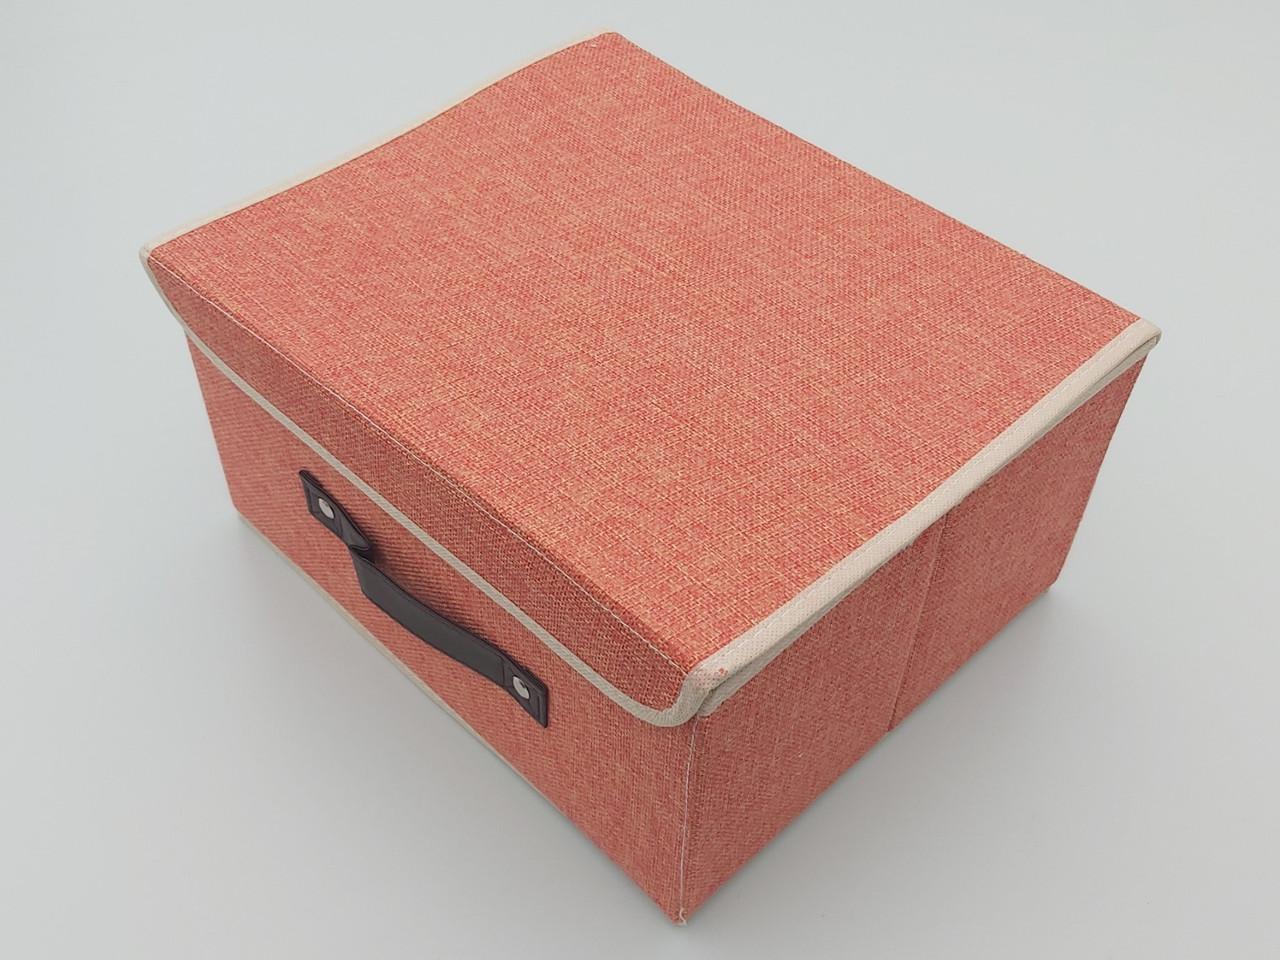 Коробка для хранения персикового цвета